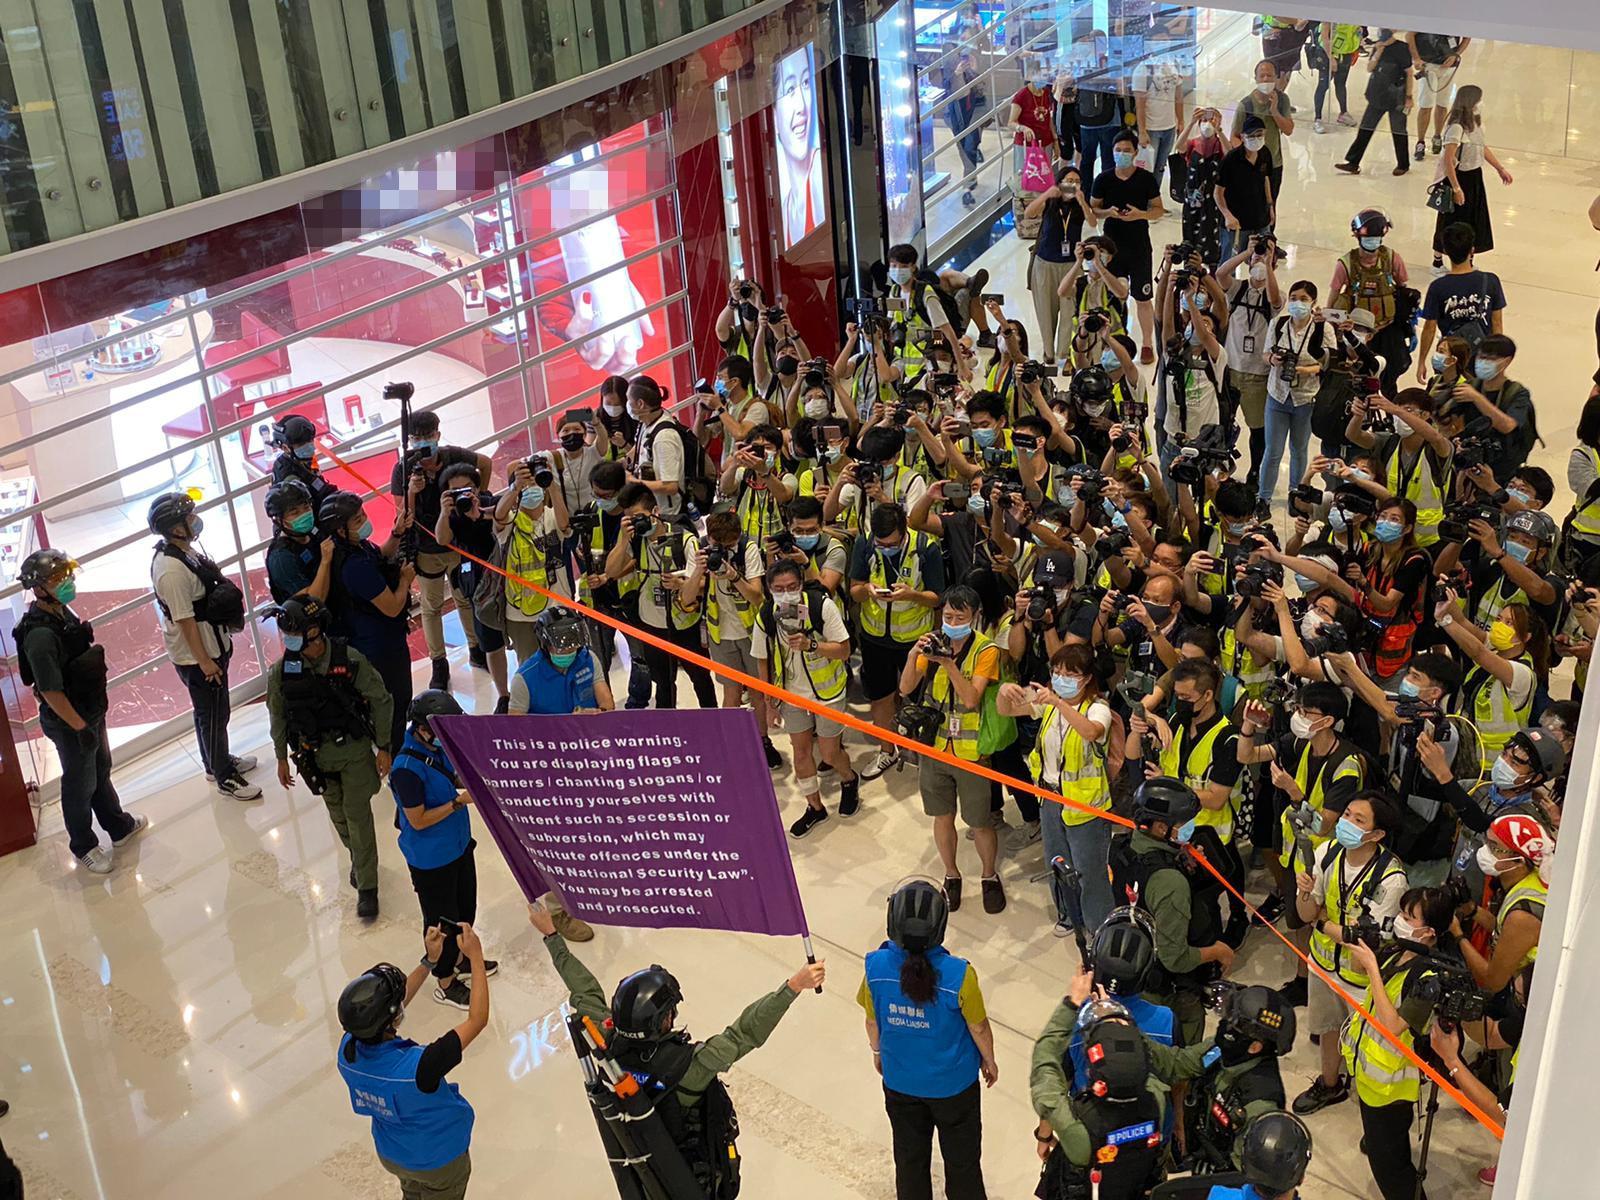 香港警方舉紫旗警告示威者,叫喊相關口號行為涉違國安法。(香港警方FB)